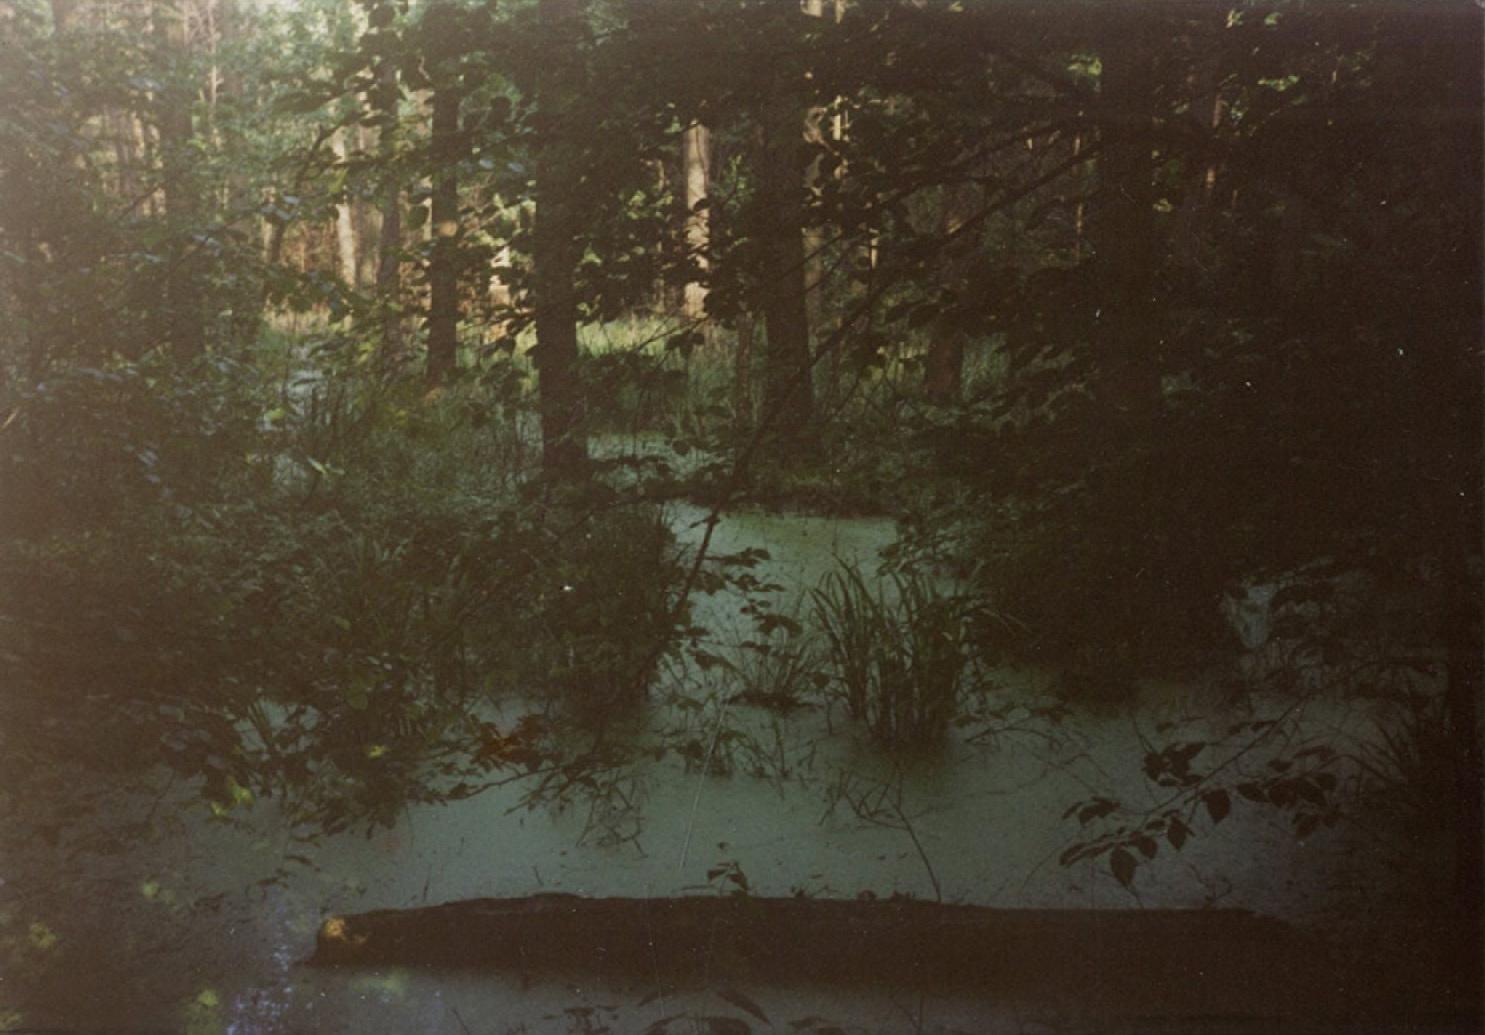 Gęstwina leśna; habazie, przezktóre przebijało się męskie nagie ciało